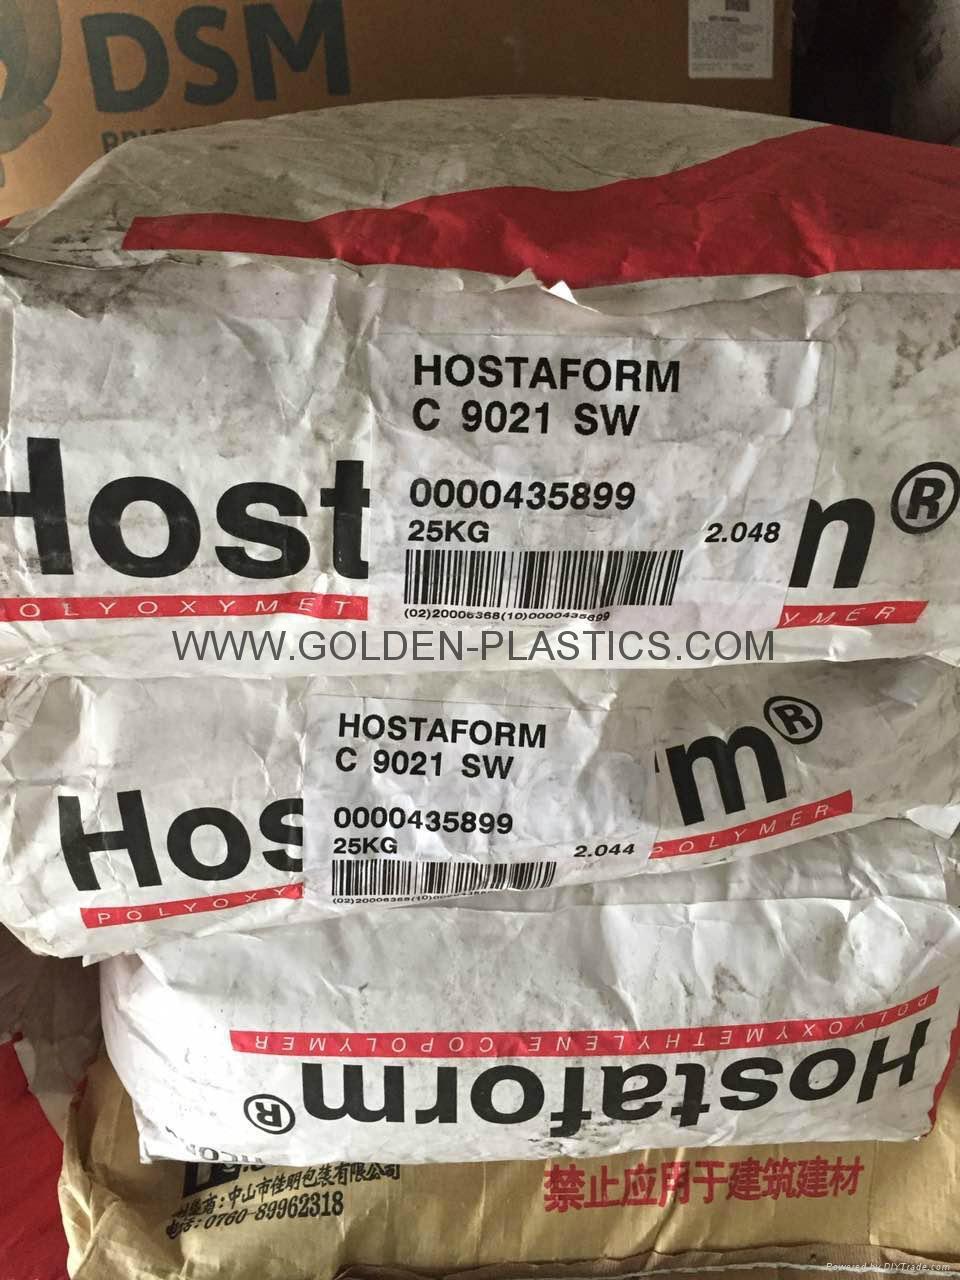 HOSTAFORM C 9021 SW